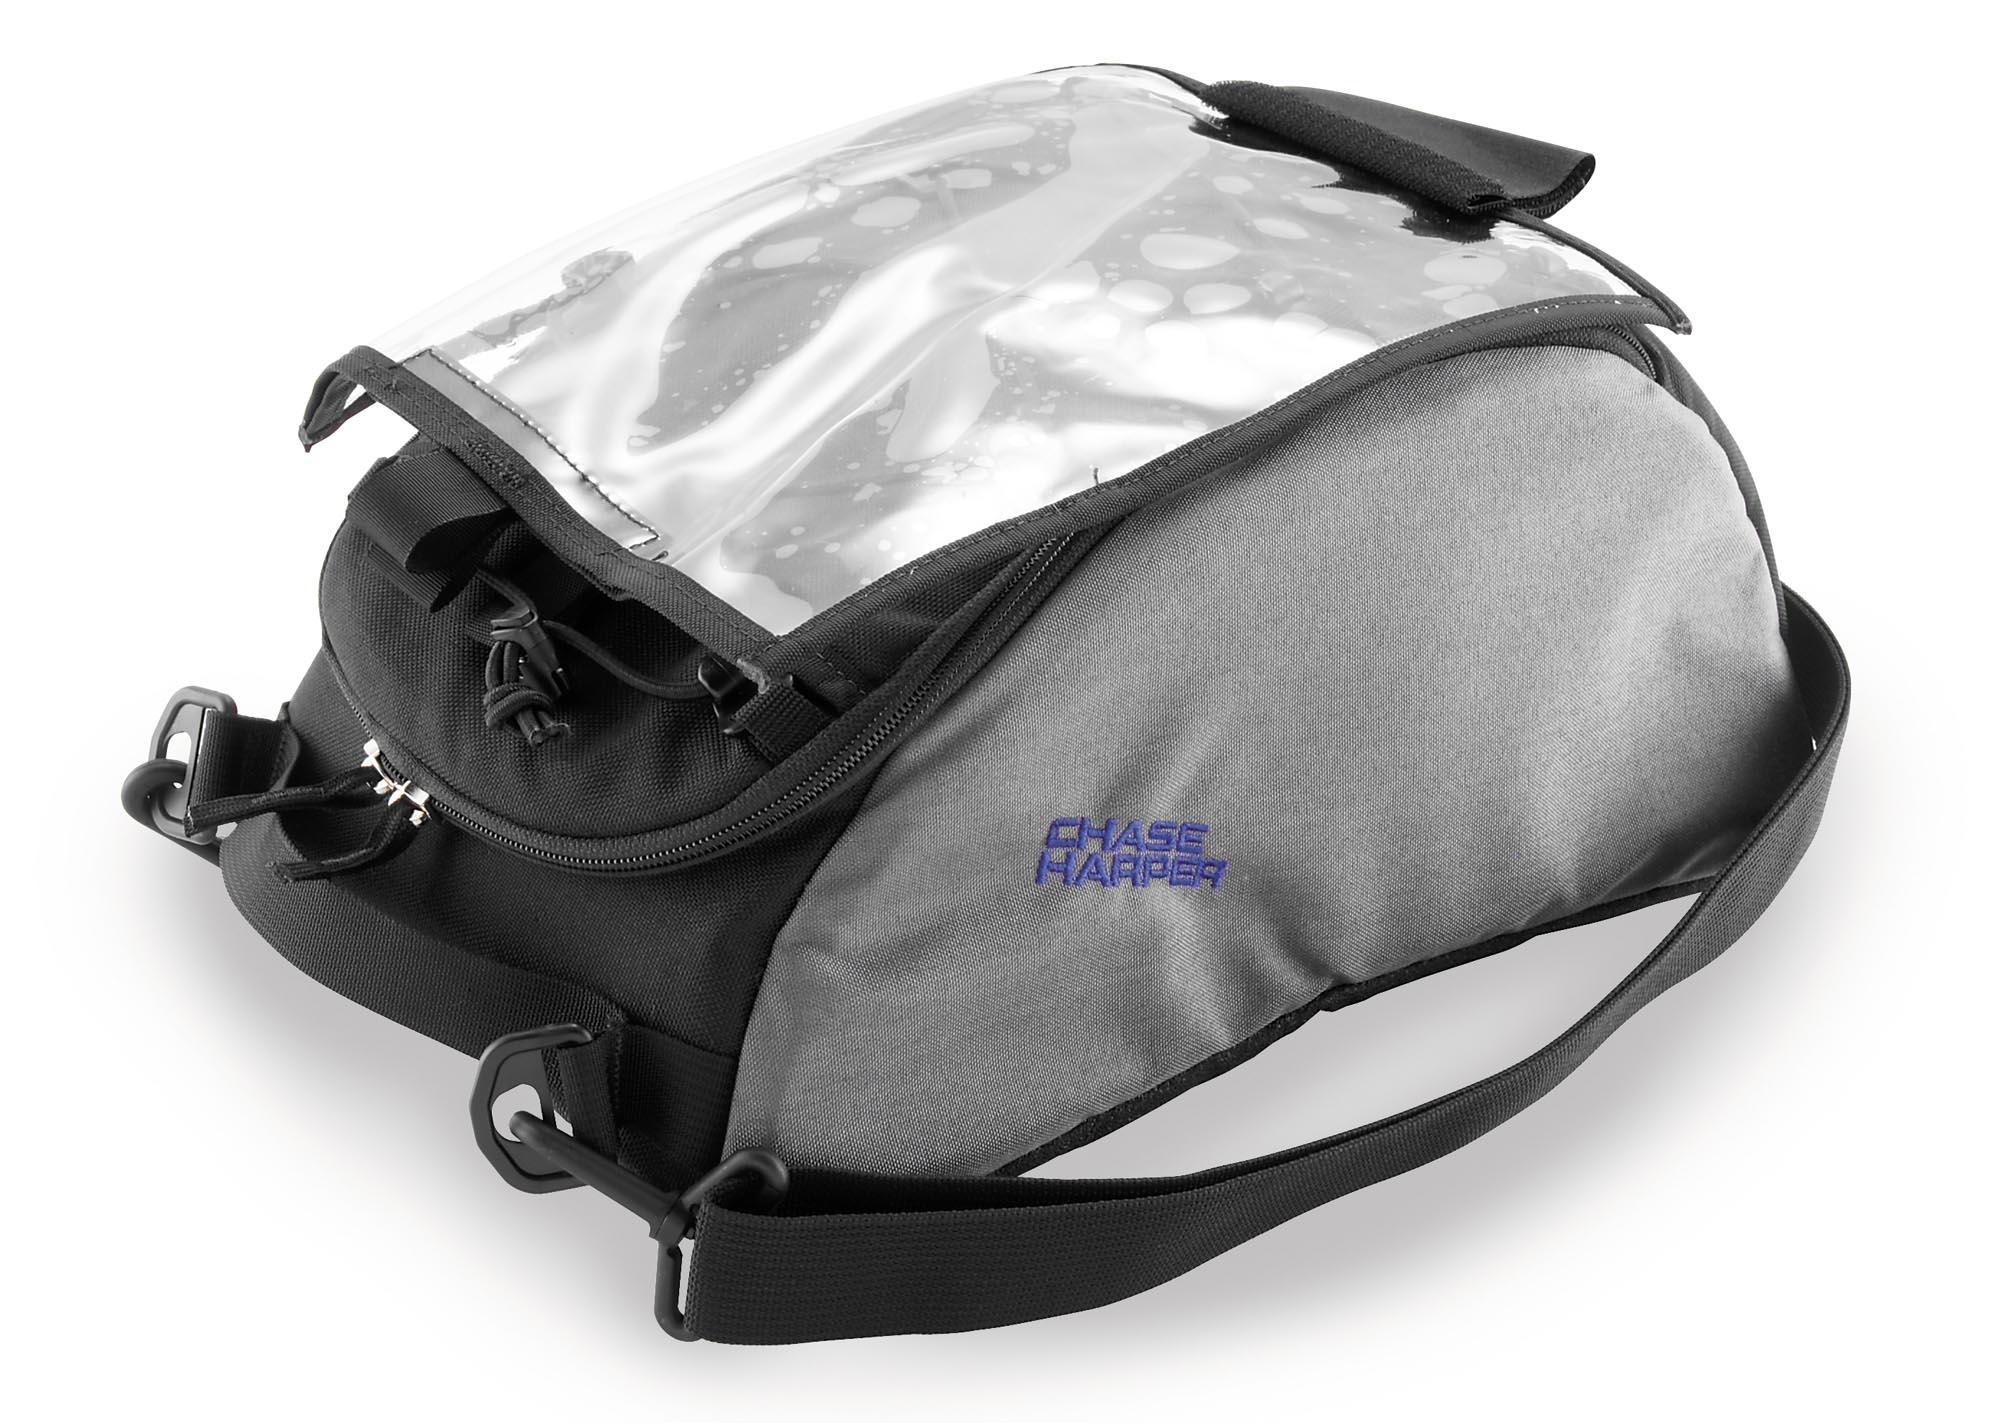 Chase Harper Magnetic Tank Bag